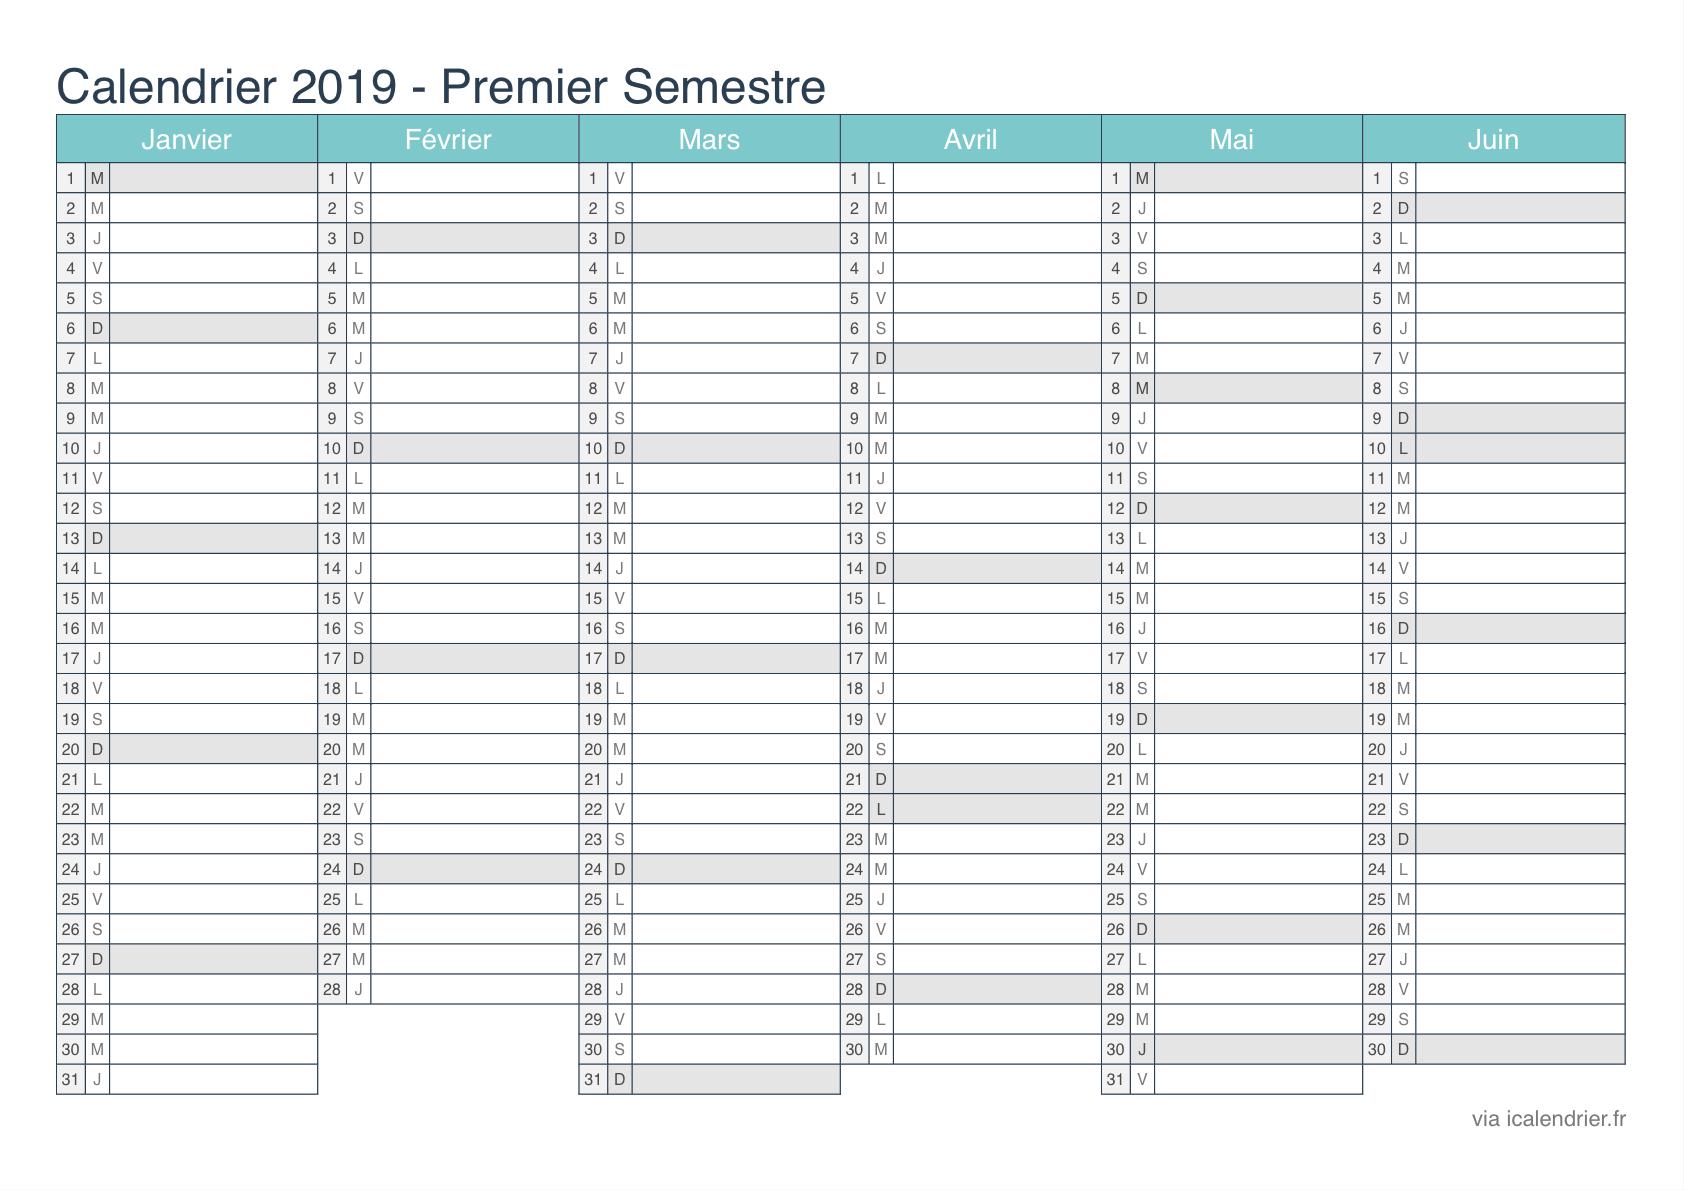 Calendrier 2019 À Imprimer Pdf Et Excel - Icalendrier concernant Calendrier 2019 Avec Semaine